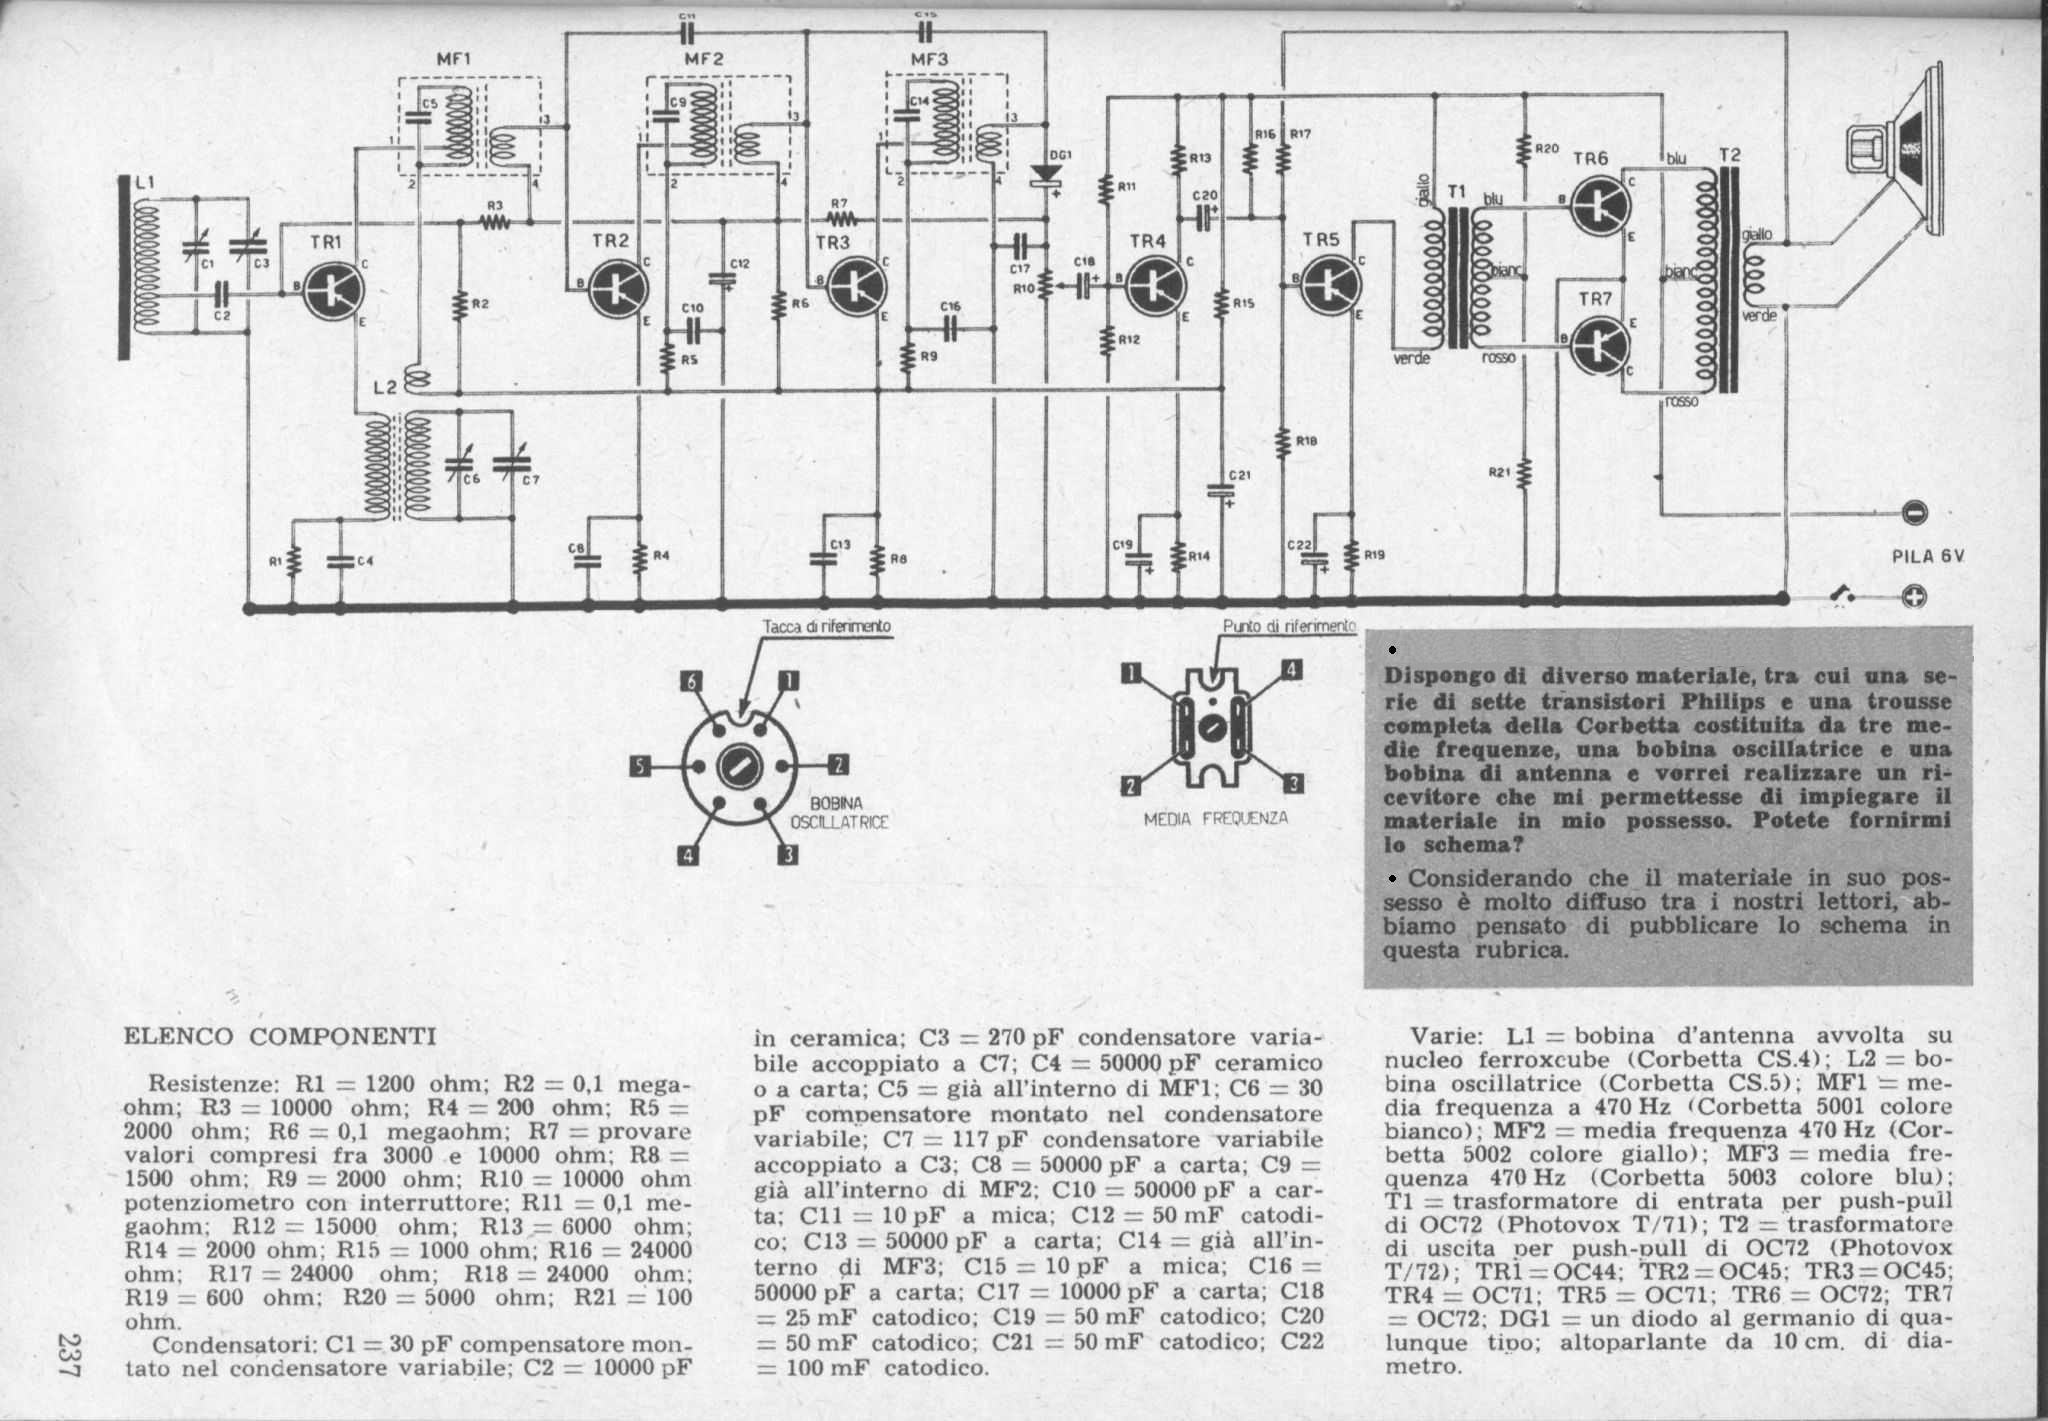 Transistor Diagrams Diagram Circuit Home Grundig Box 59 Click To Visualize The Per Visualizzare Lo Schema Made 1961